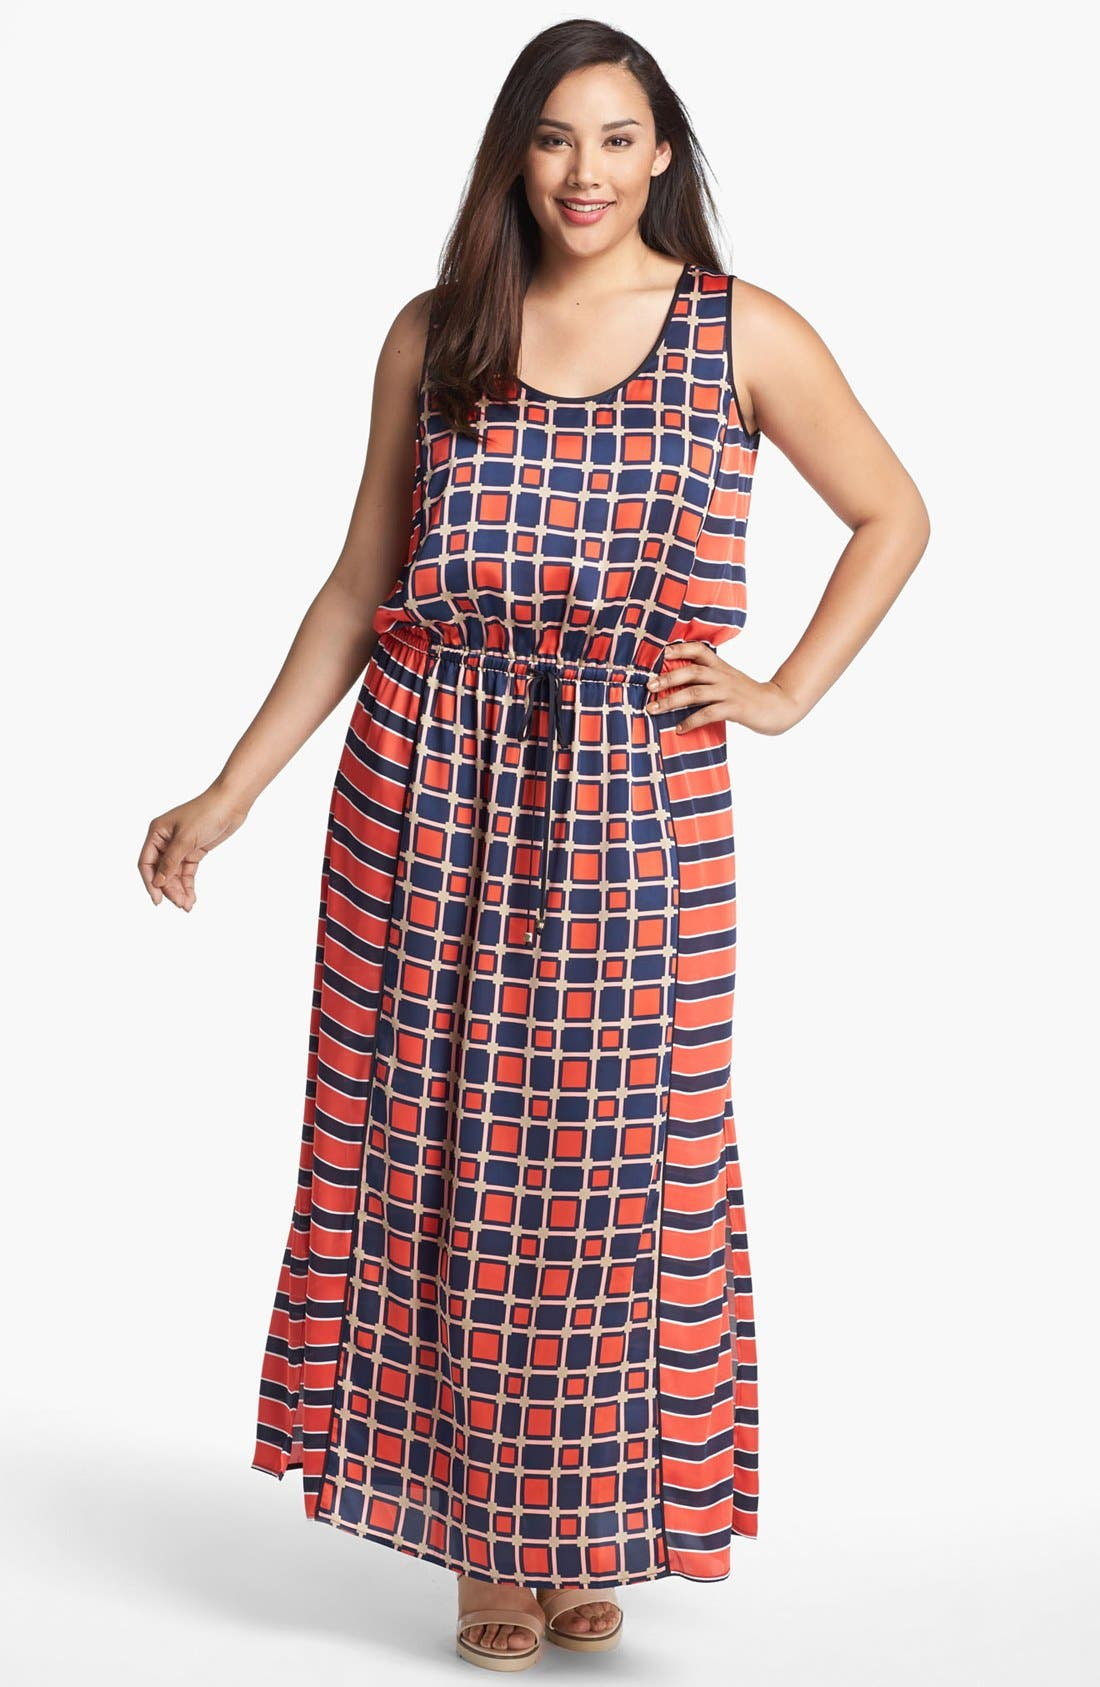 Alternate Image 1 Selected - MICHAEL Michael Kors 'Soho Square' Sleeveless Maxi Dress (Plus Size)